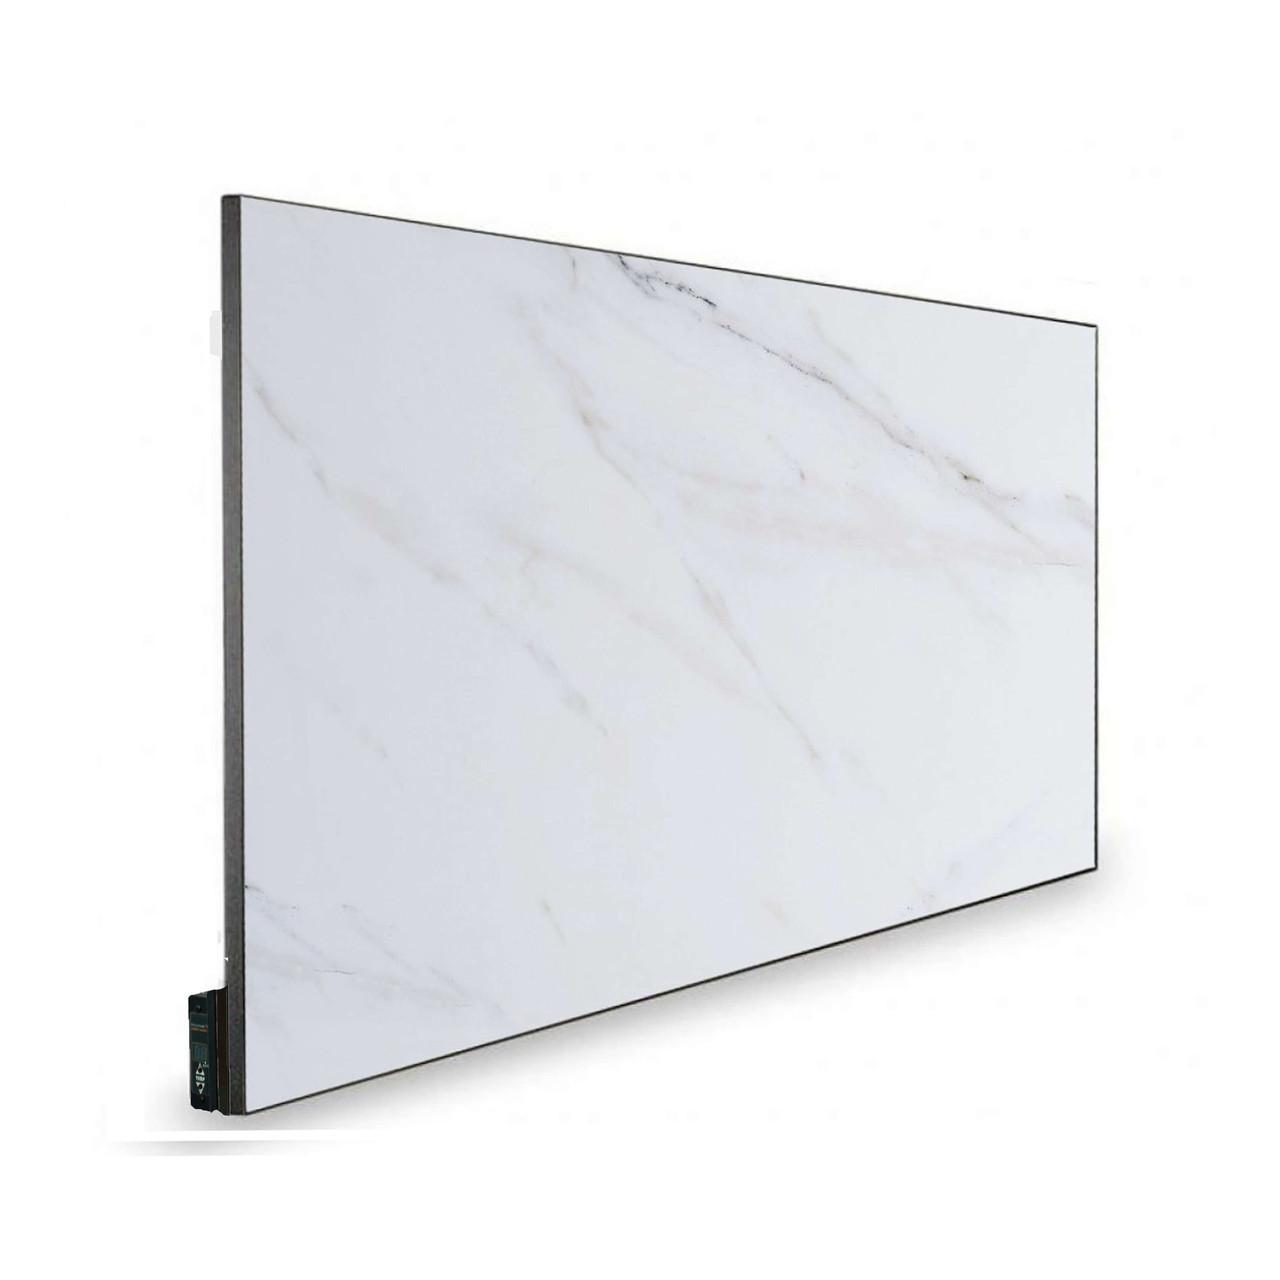 Керамический инфракрасный панельный обогреватель Teploceramic TC450R 500Вт (Белый мрамор)